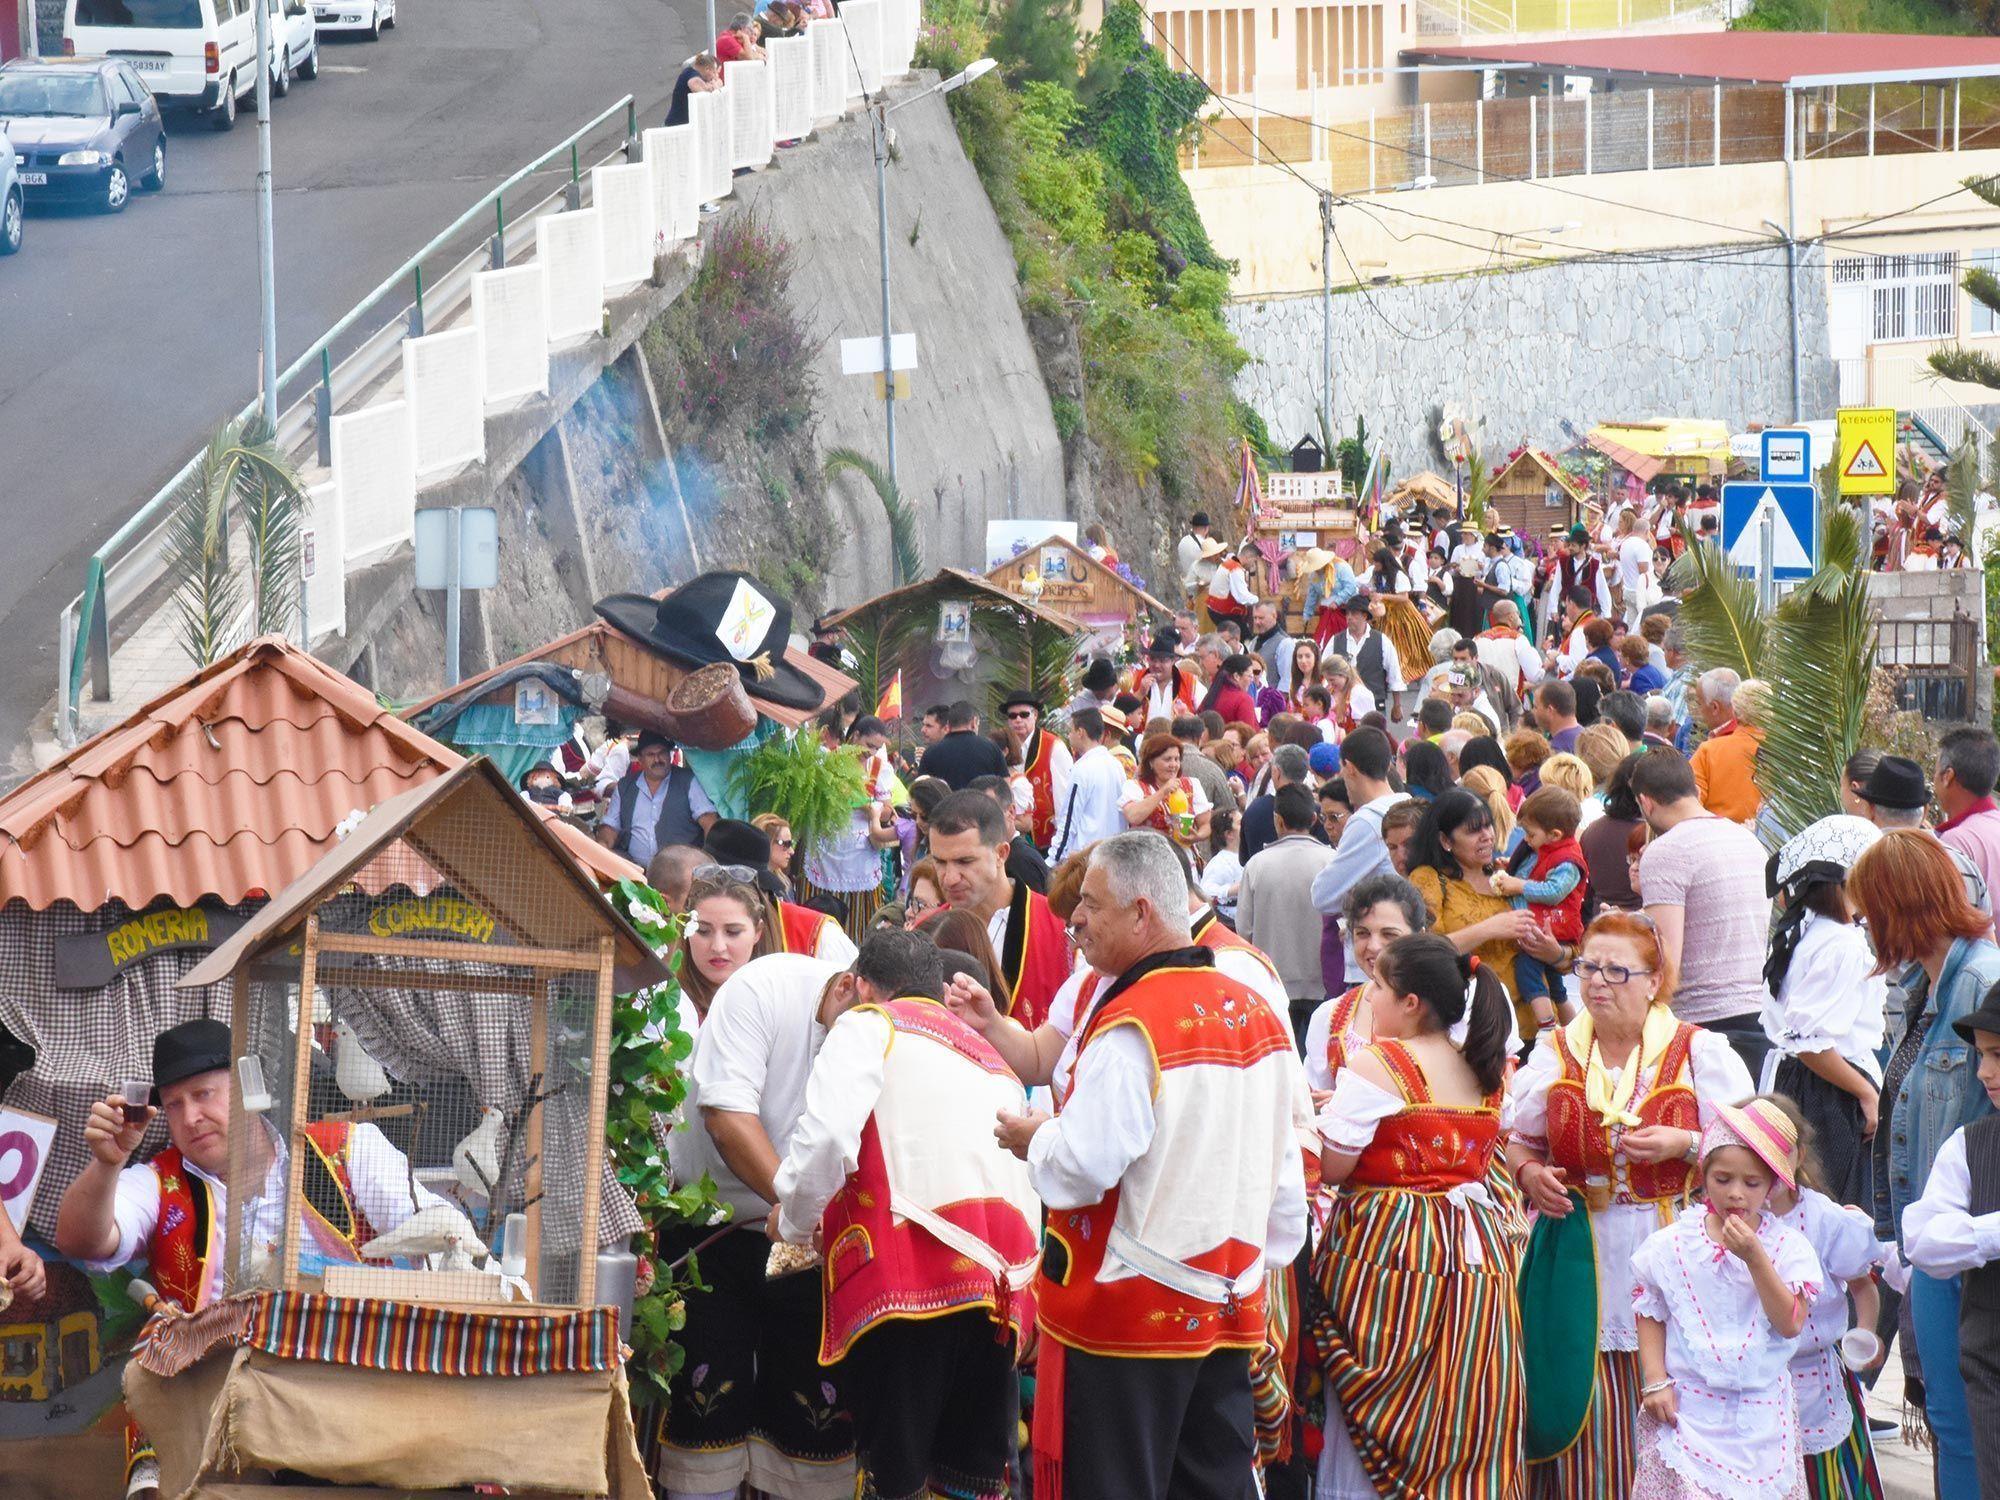 Romería de La Corujera - Santa Úrsula